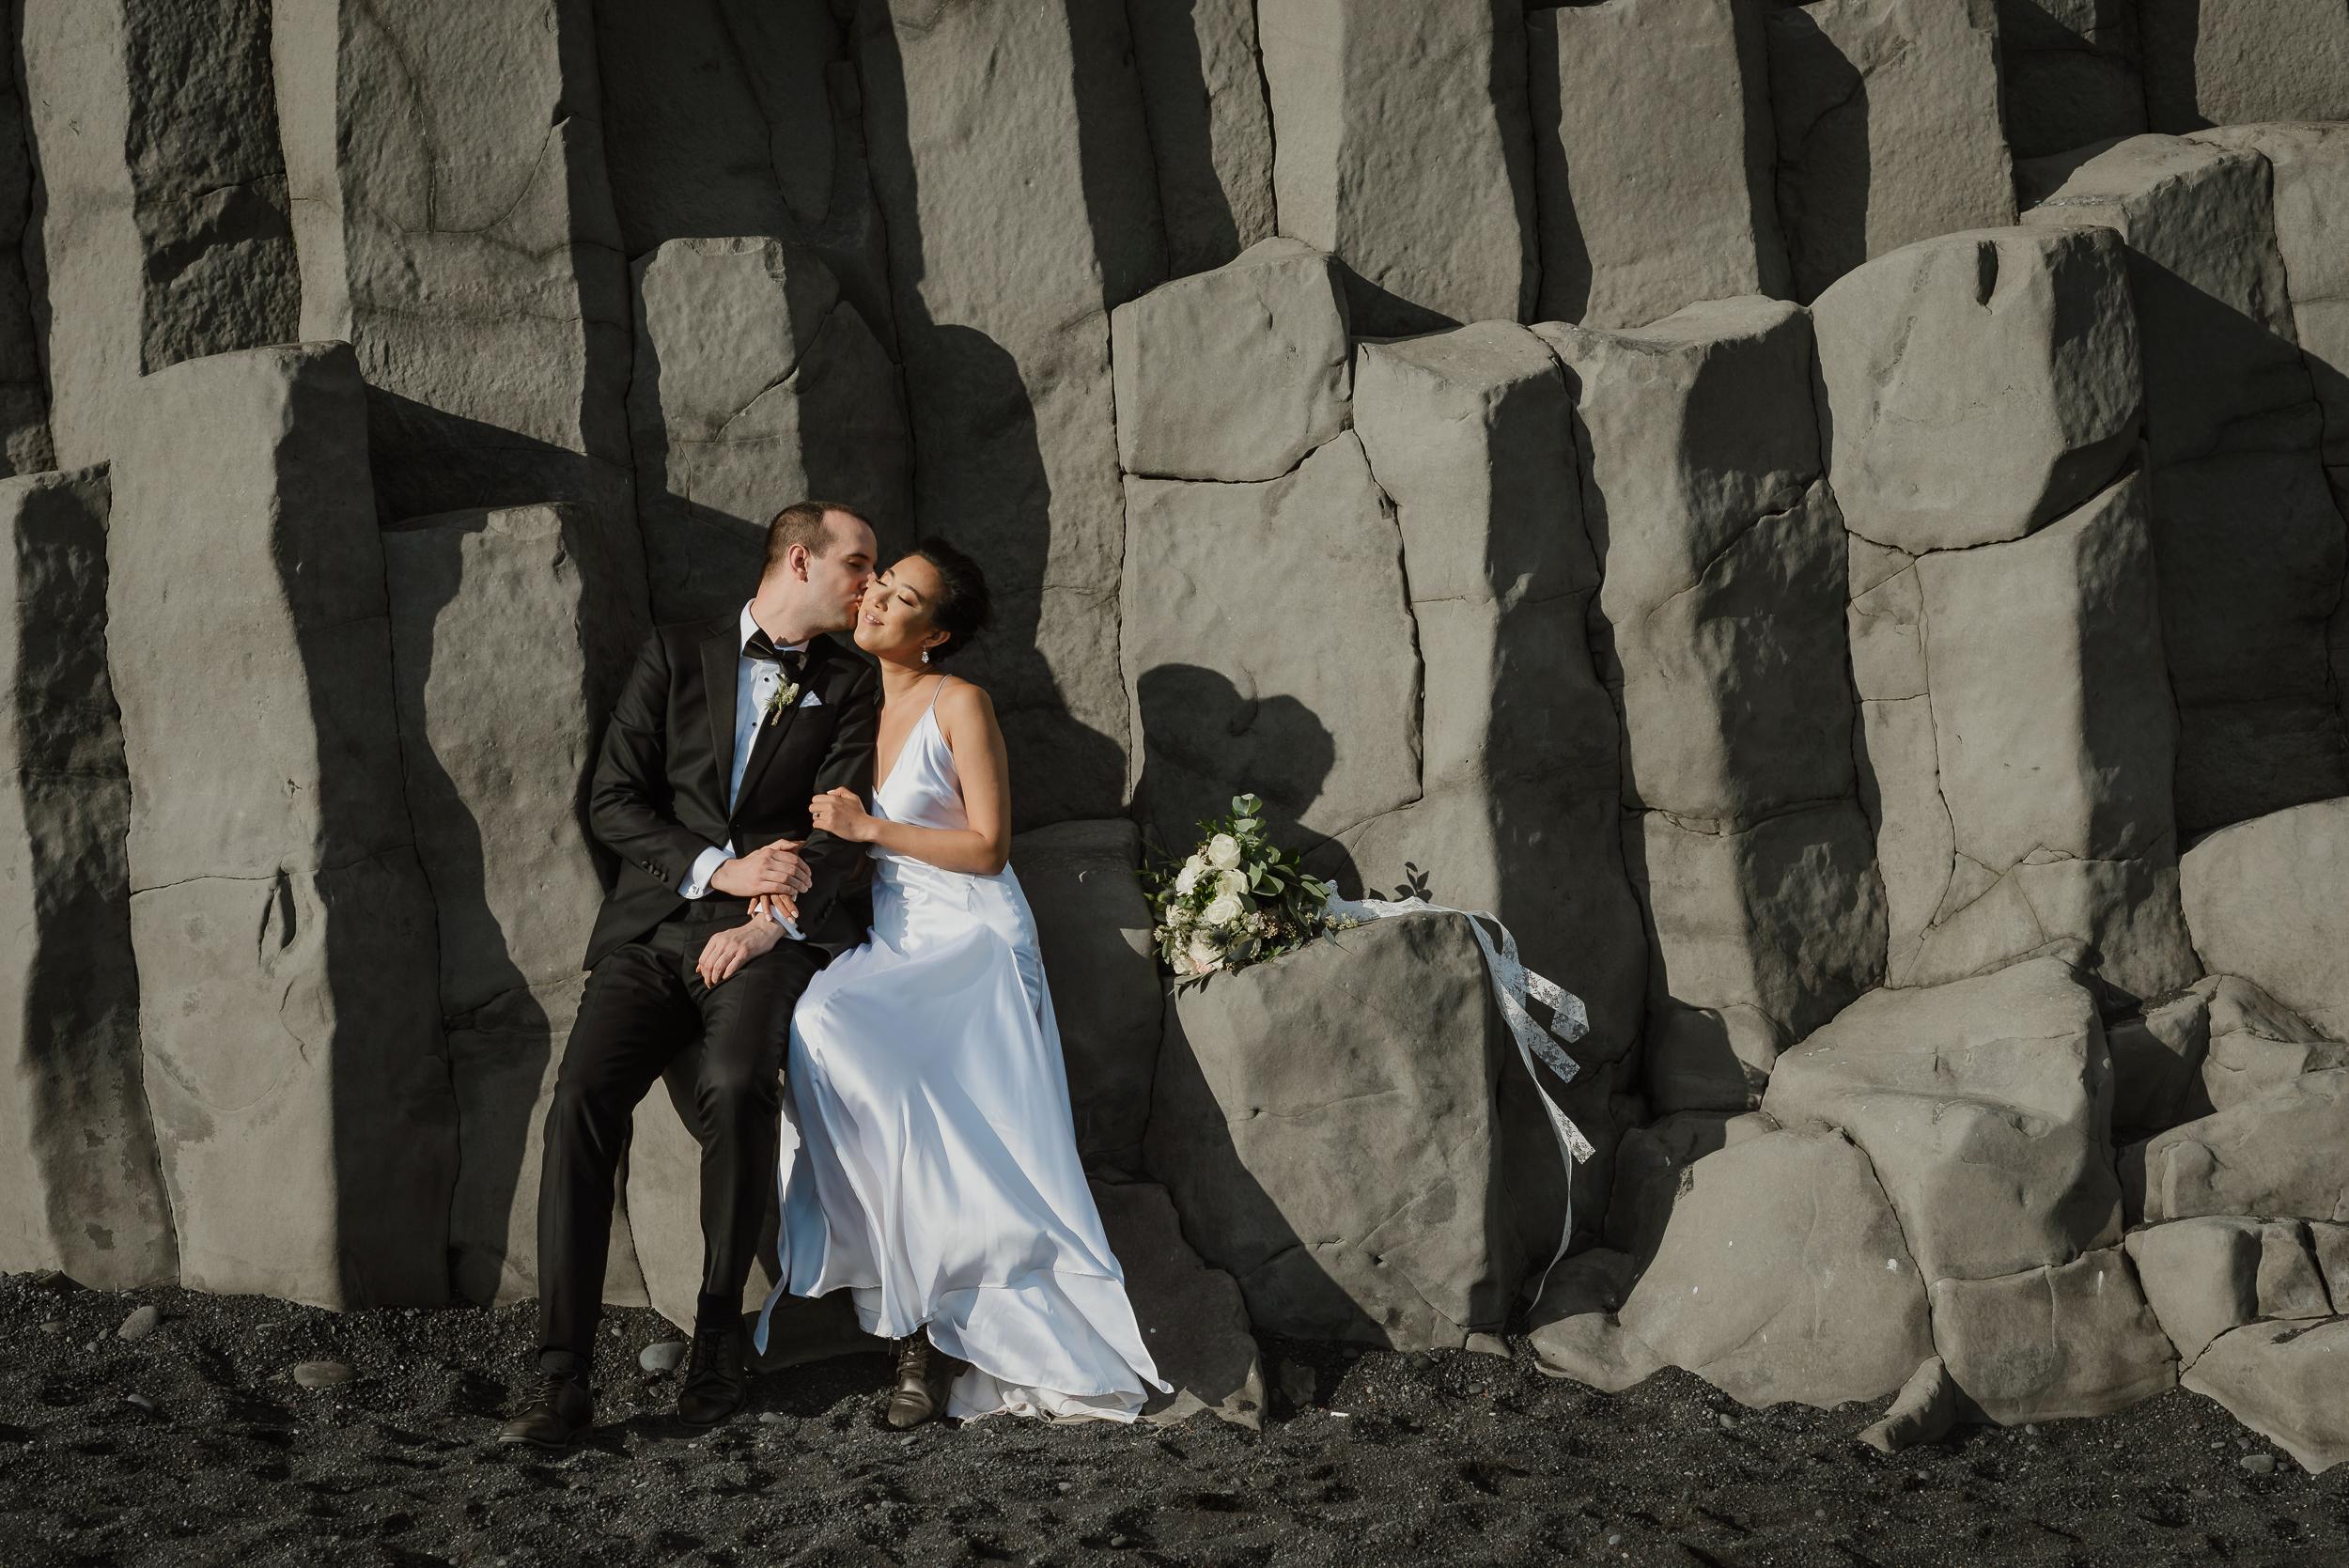 destination-wedding-iceland-engagement-session-vivianchen-173.jpg